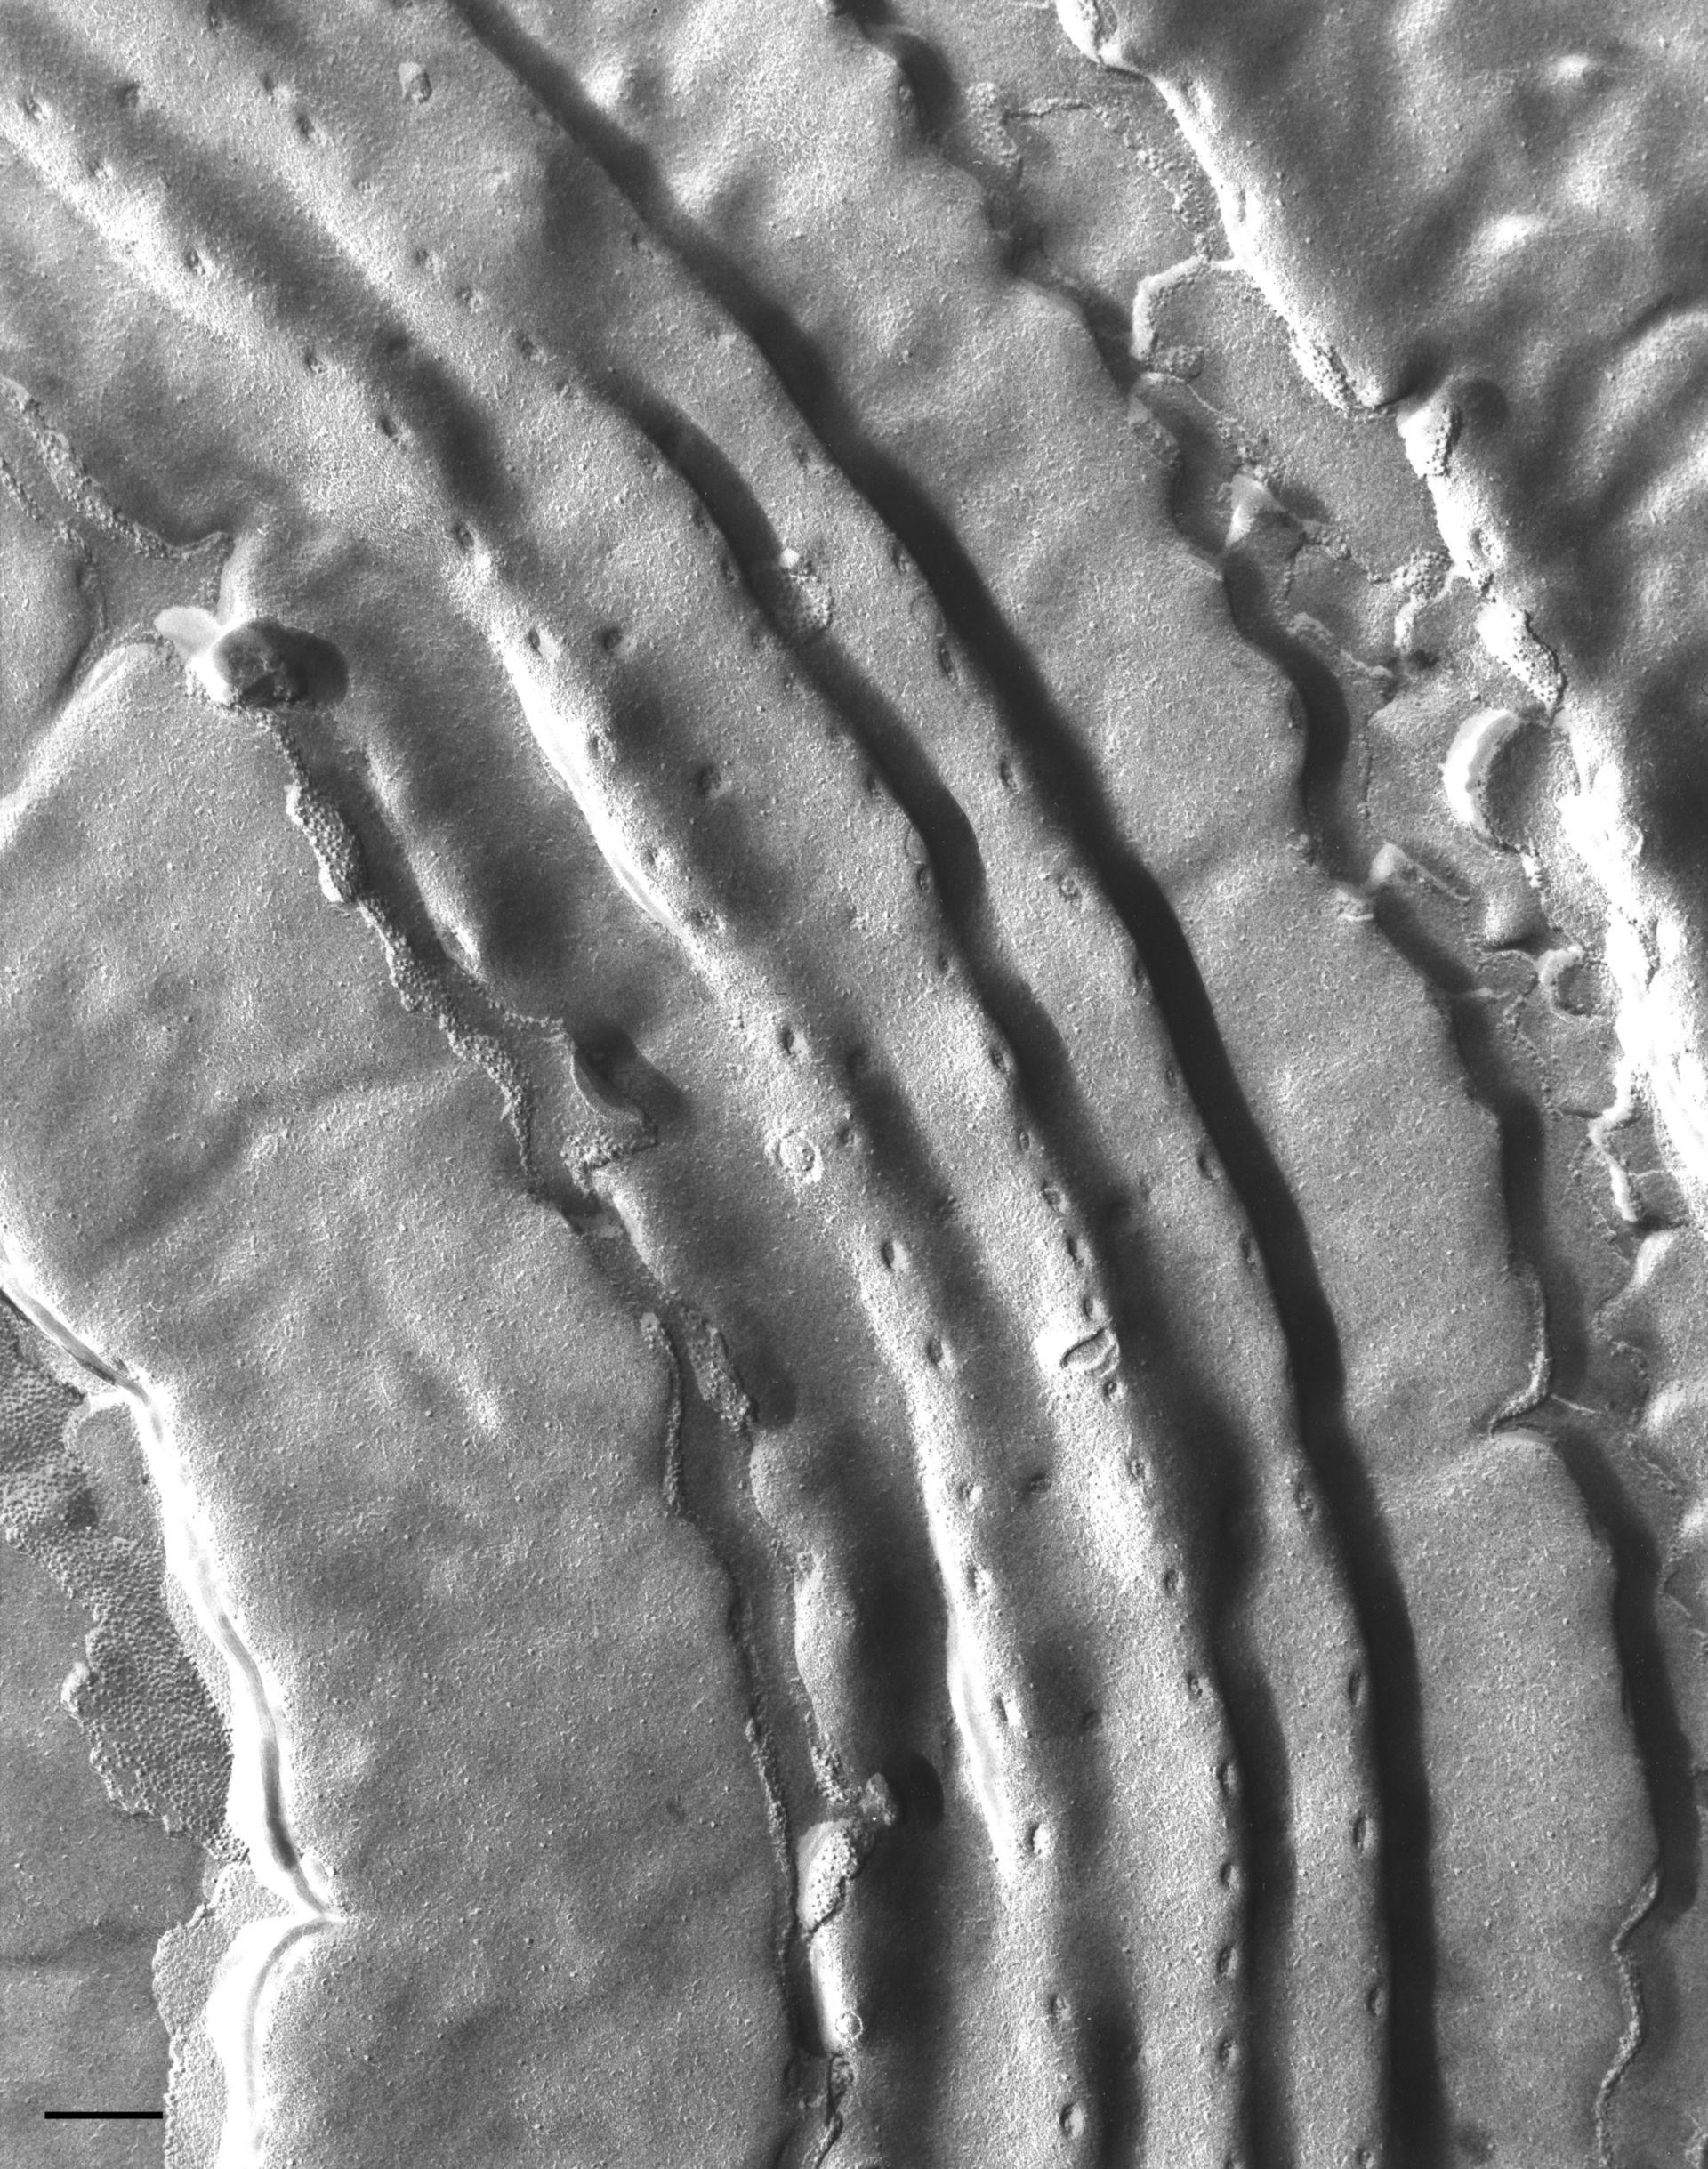 Vorticella microstoma (Pellicole) - CIL:36288